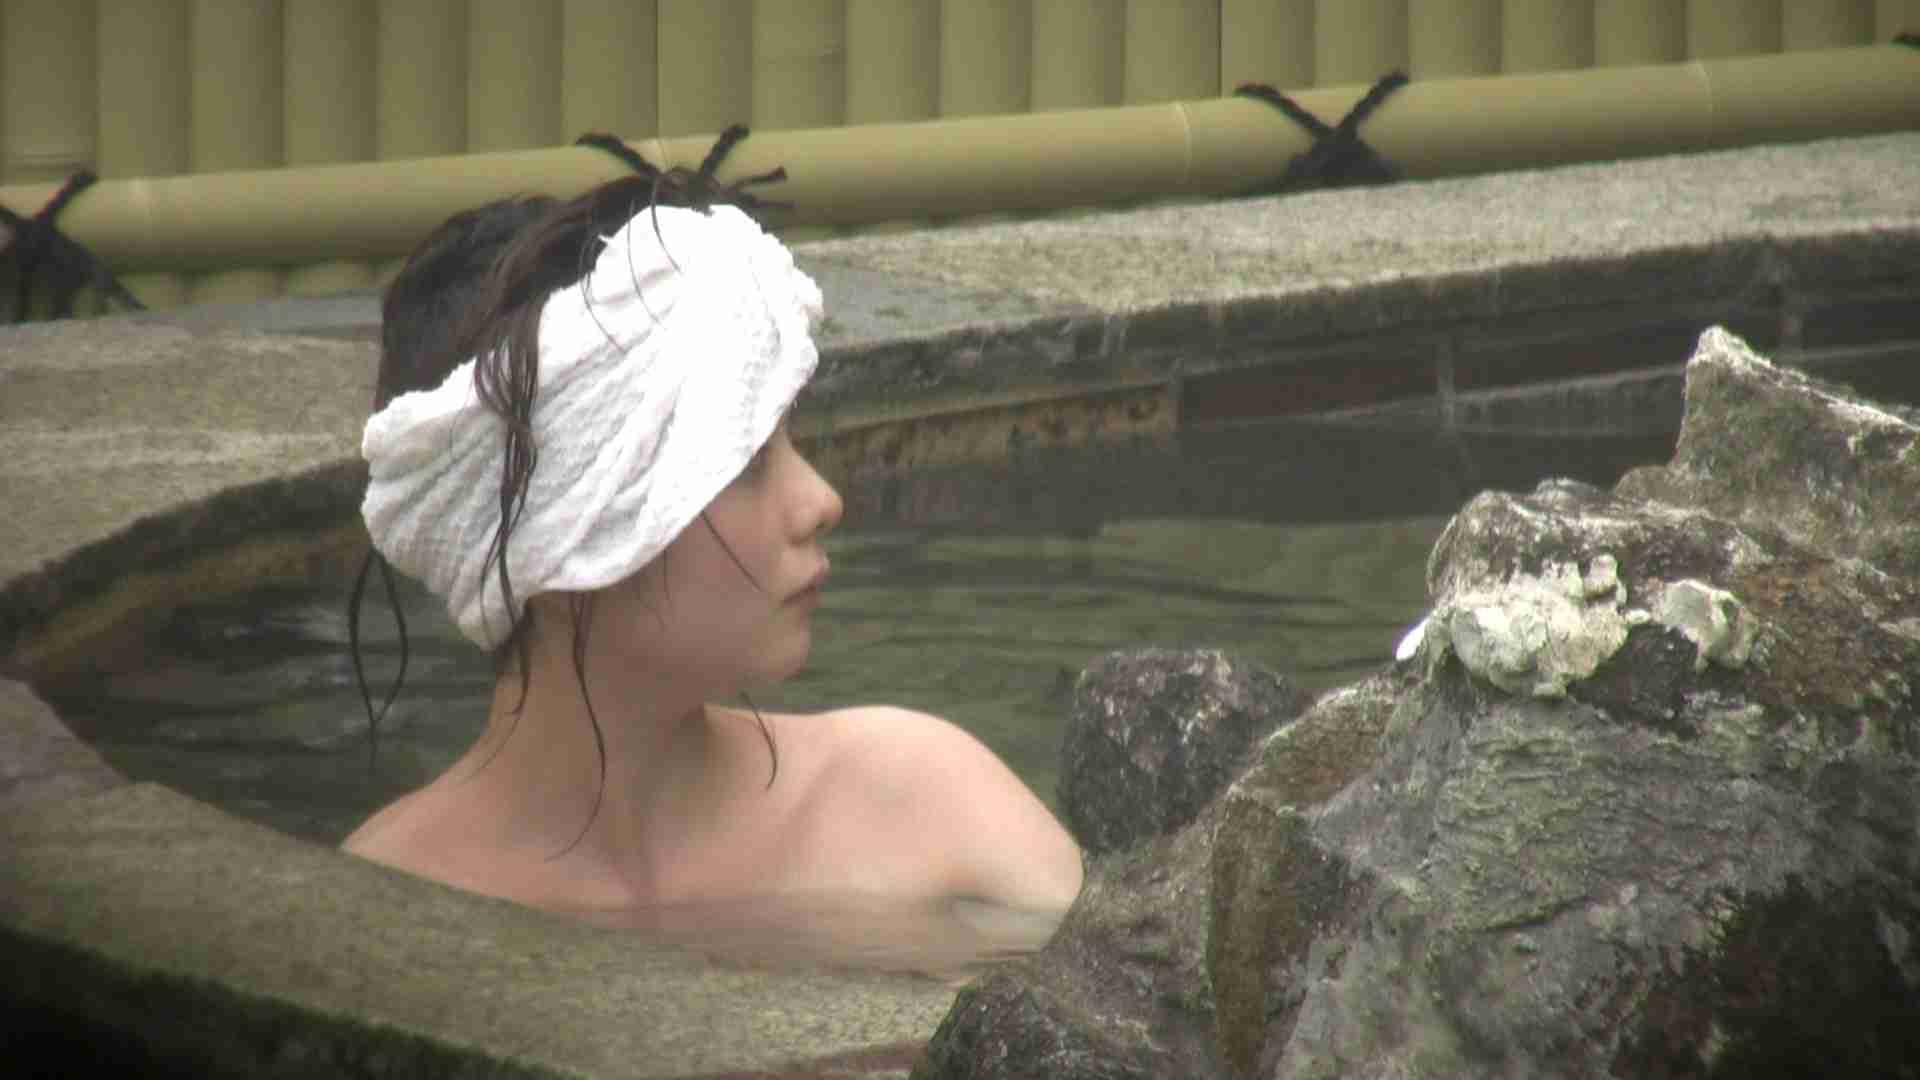 Aquaな露天風呂Vol.147 盗撮  85画像 39